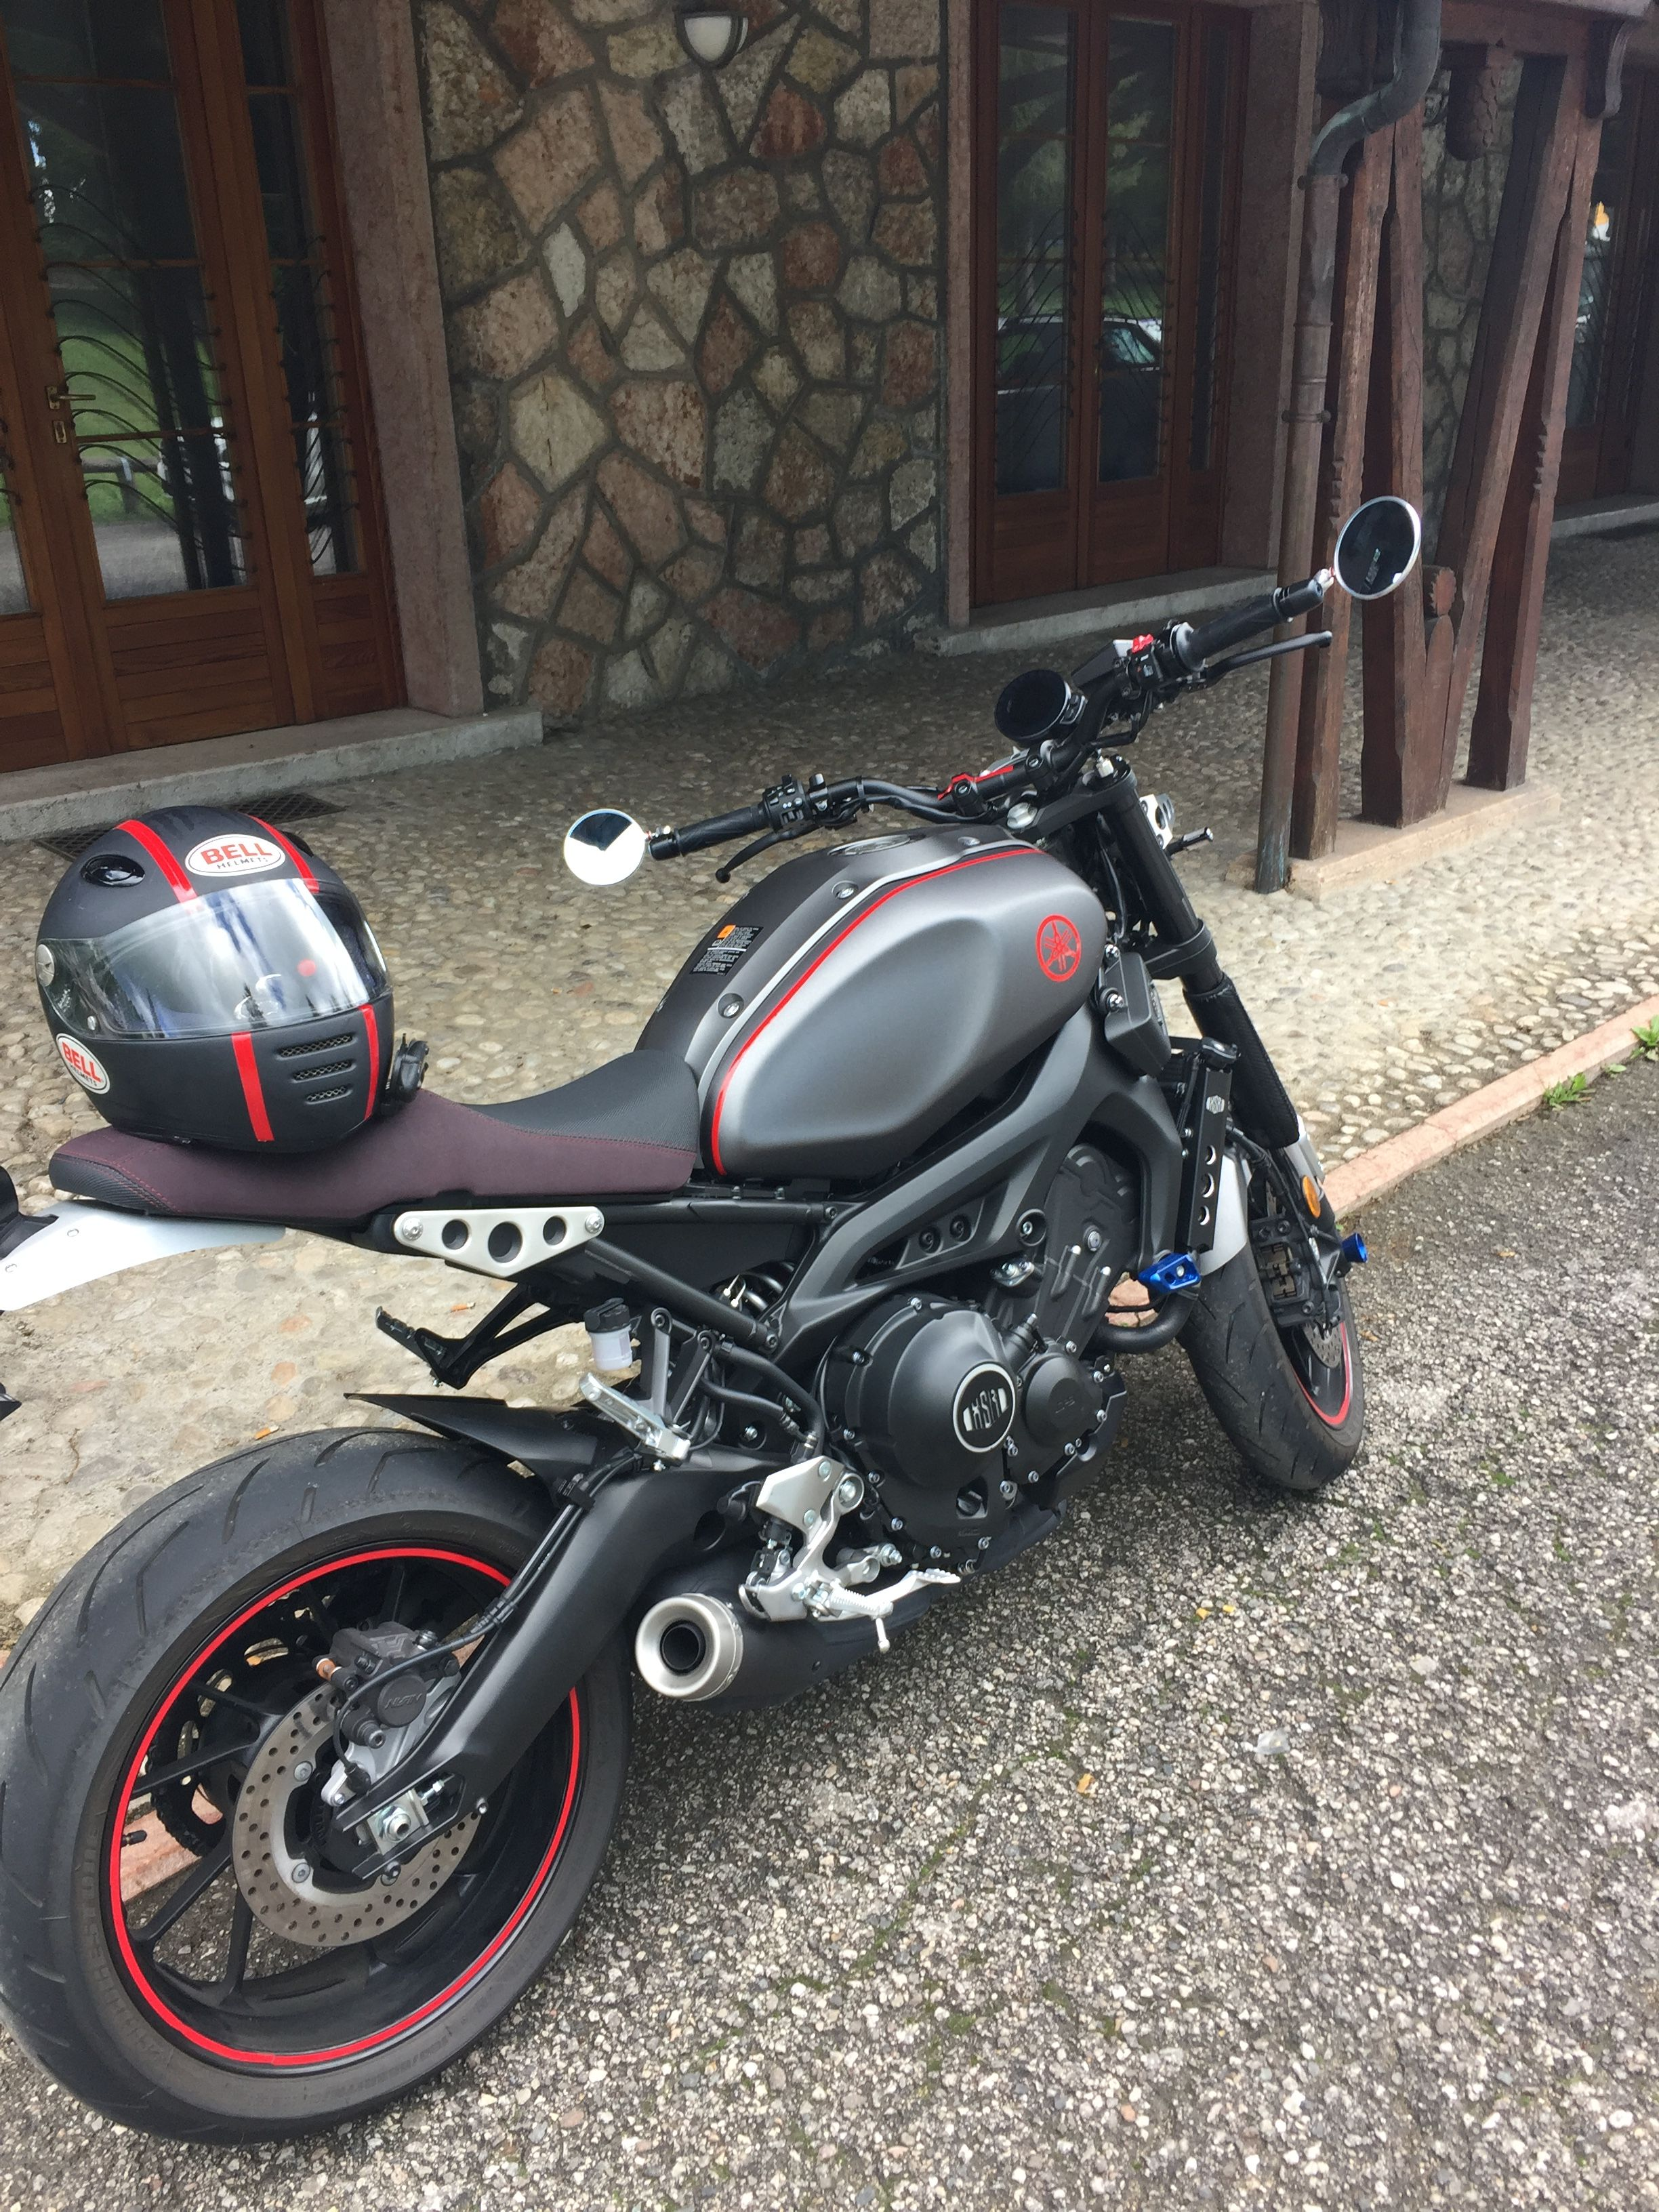 Xsr 900 Cafe Racer Yamaha Cafe Racer Yamaha Bikes Motorcycle Bike